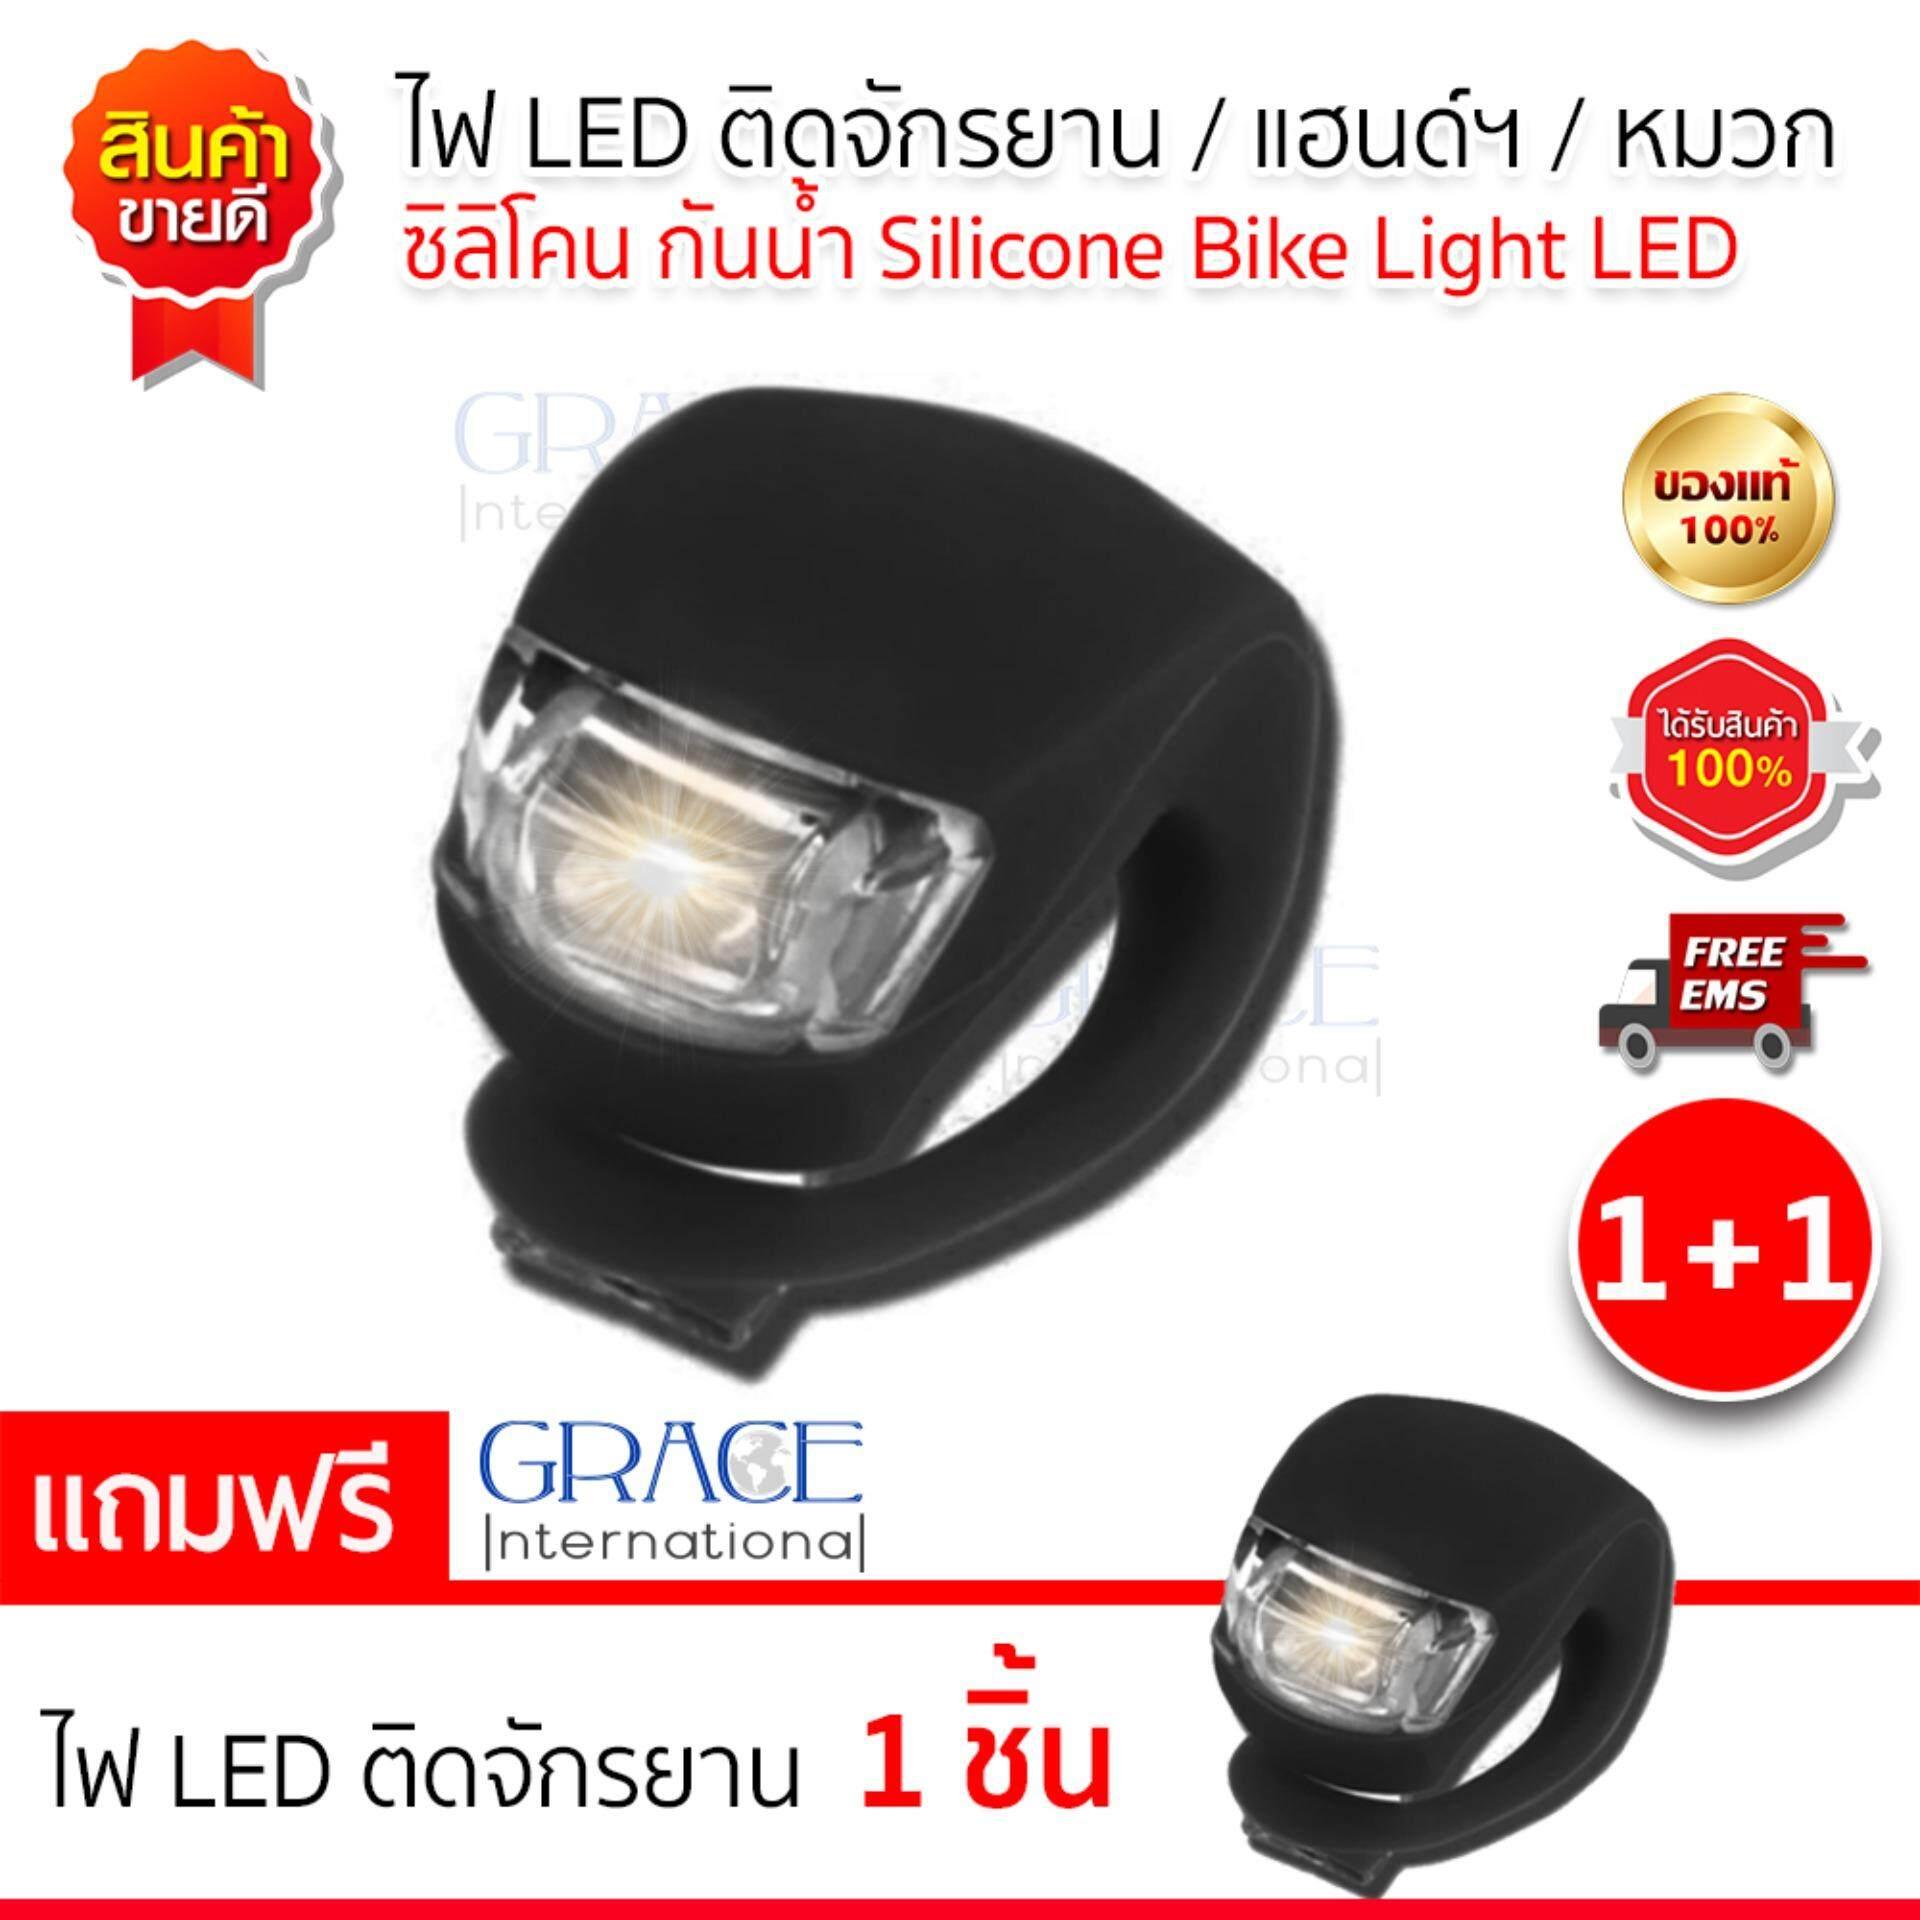 ไฟฉายติดจักรยาน ไฟLEDติดจักรยาน (ซื้อ 1 แถม! 1) /แฮนด์/หมวก แบบซิลิโคน กันน้ำ Silicone Bike Light LED